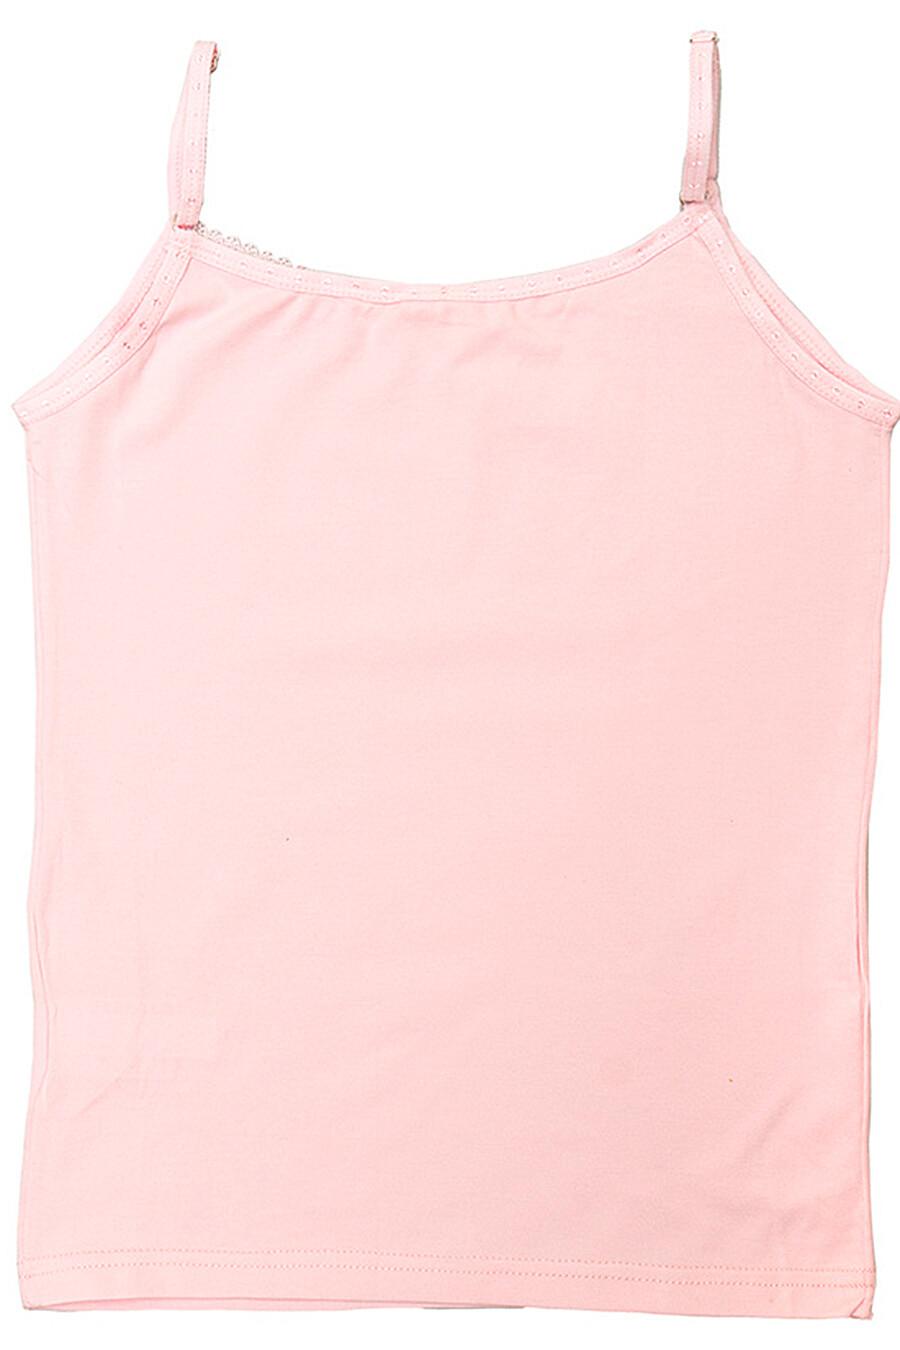 Майка 2 шт. для девочек PLAYTODAY 239349 купить оптом от производителя. Совместная покупка детской одежды в OptMoyo